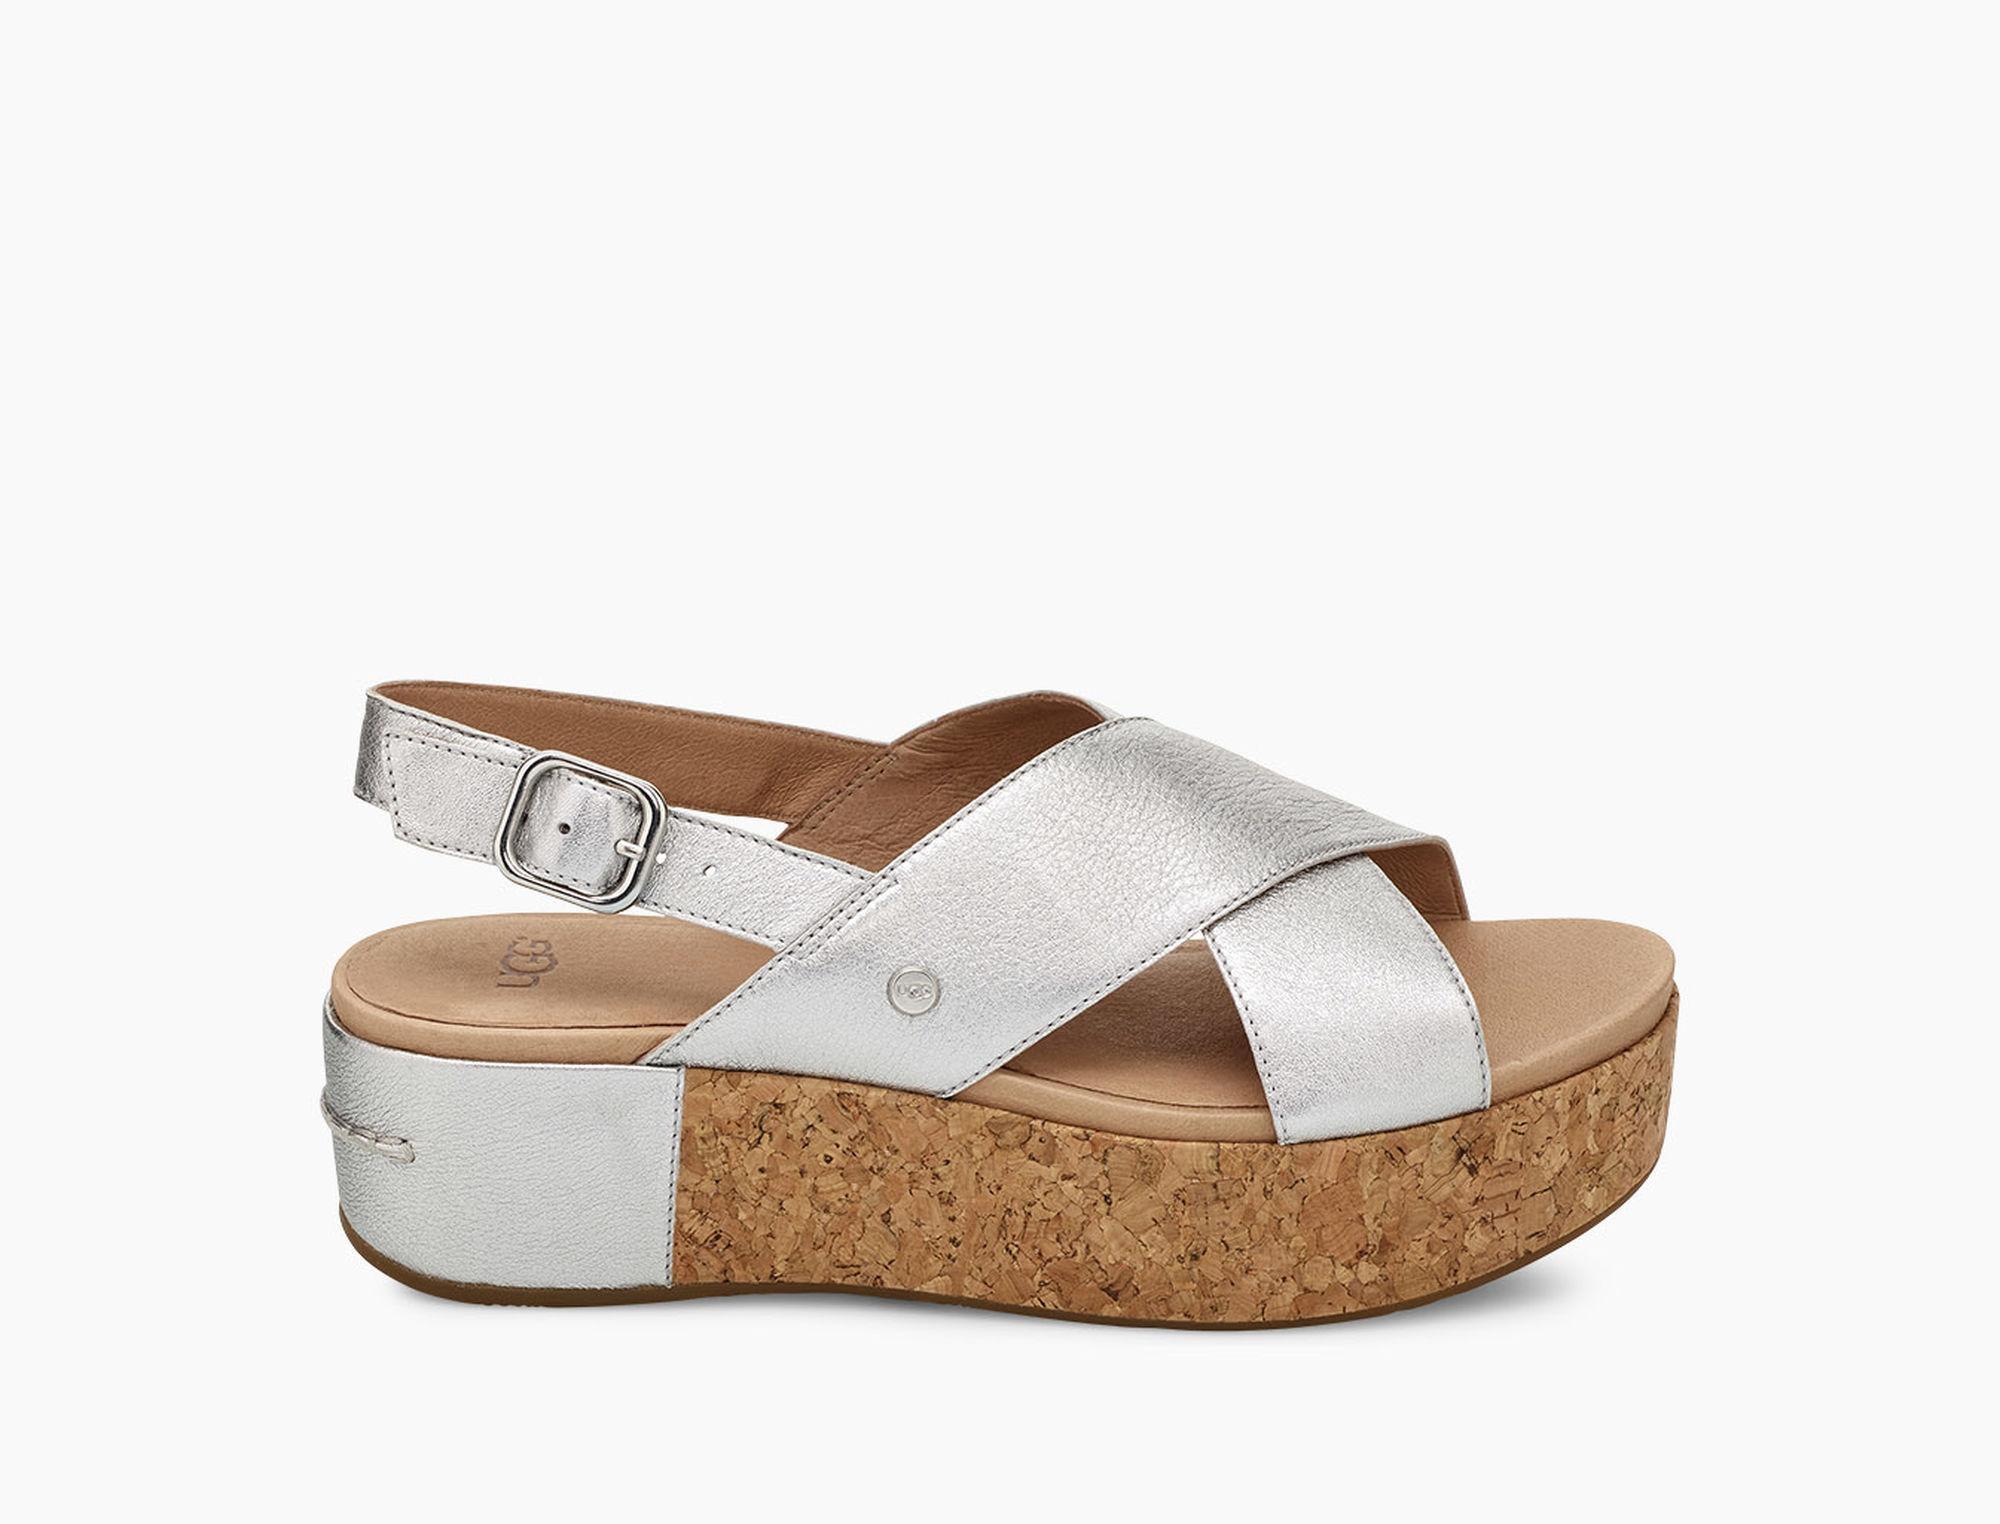 423d913242c7 Lyst - UGG Shoshana Metallic Sandal Shoshana Metallic Sandal in Metallic